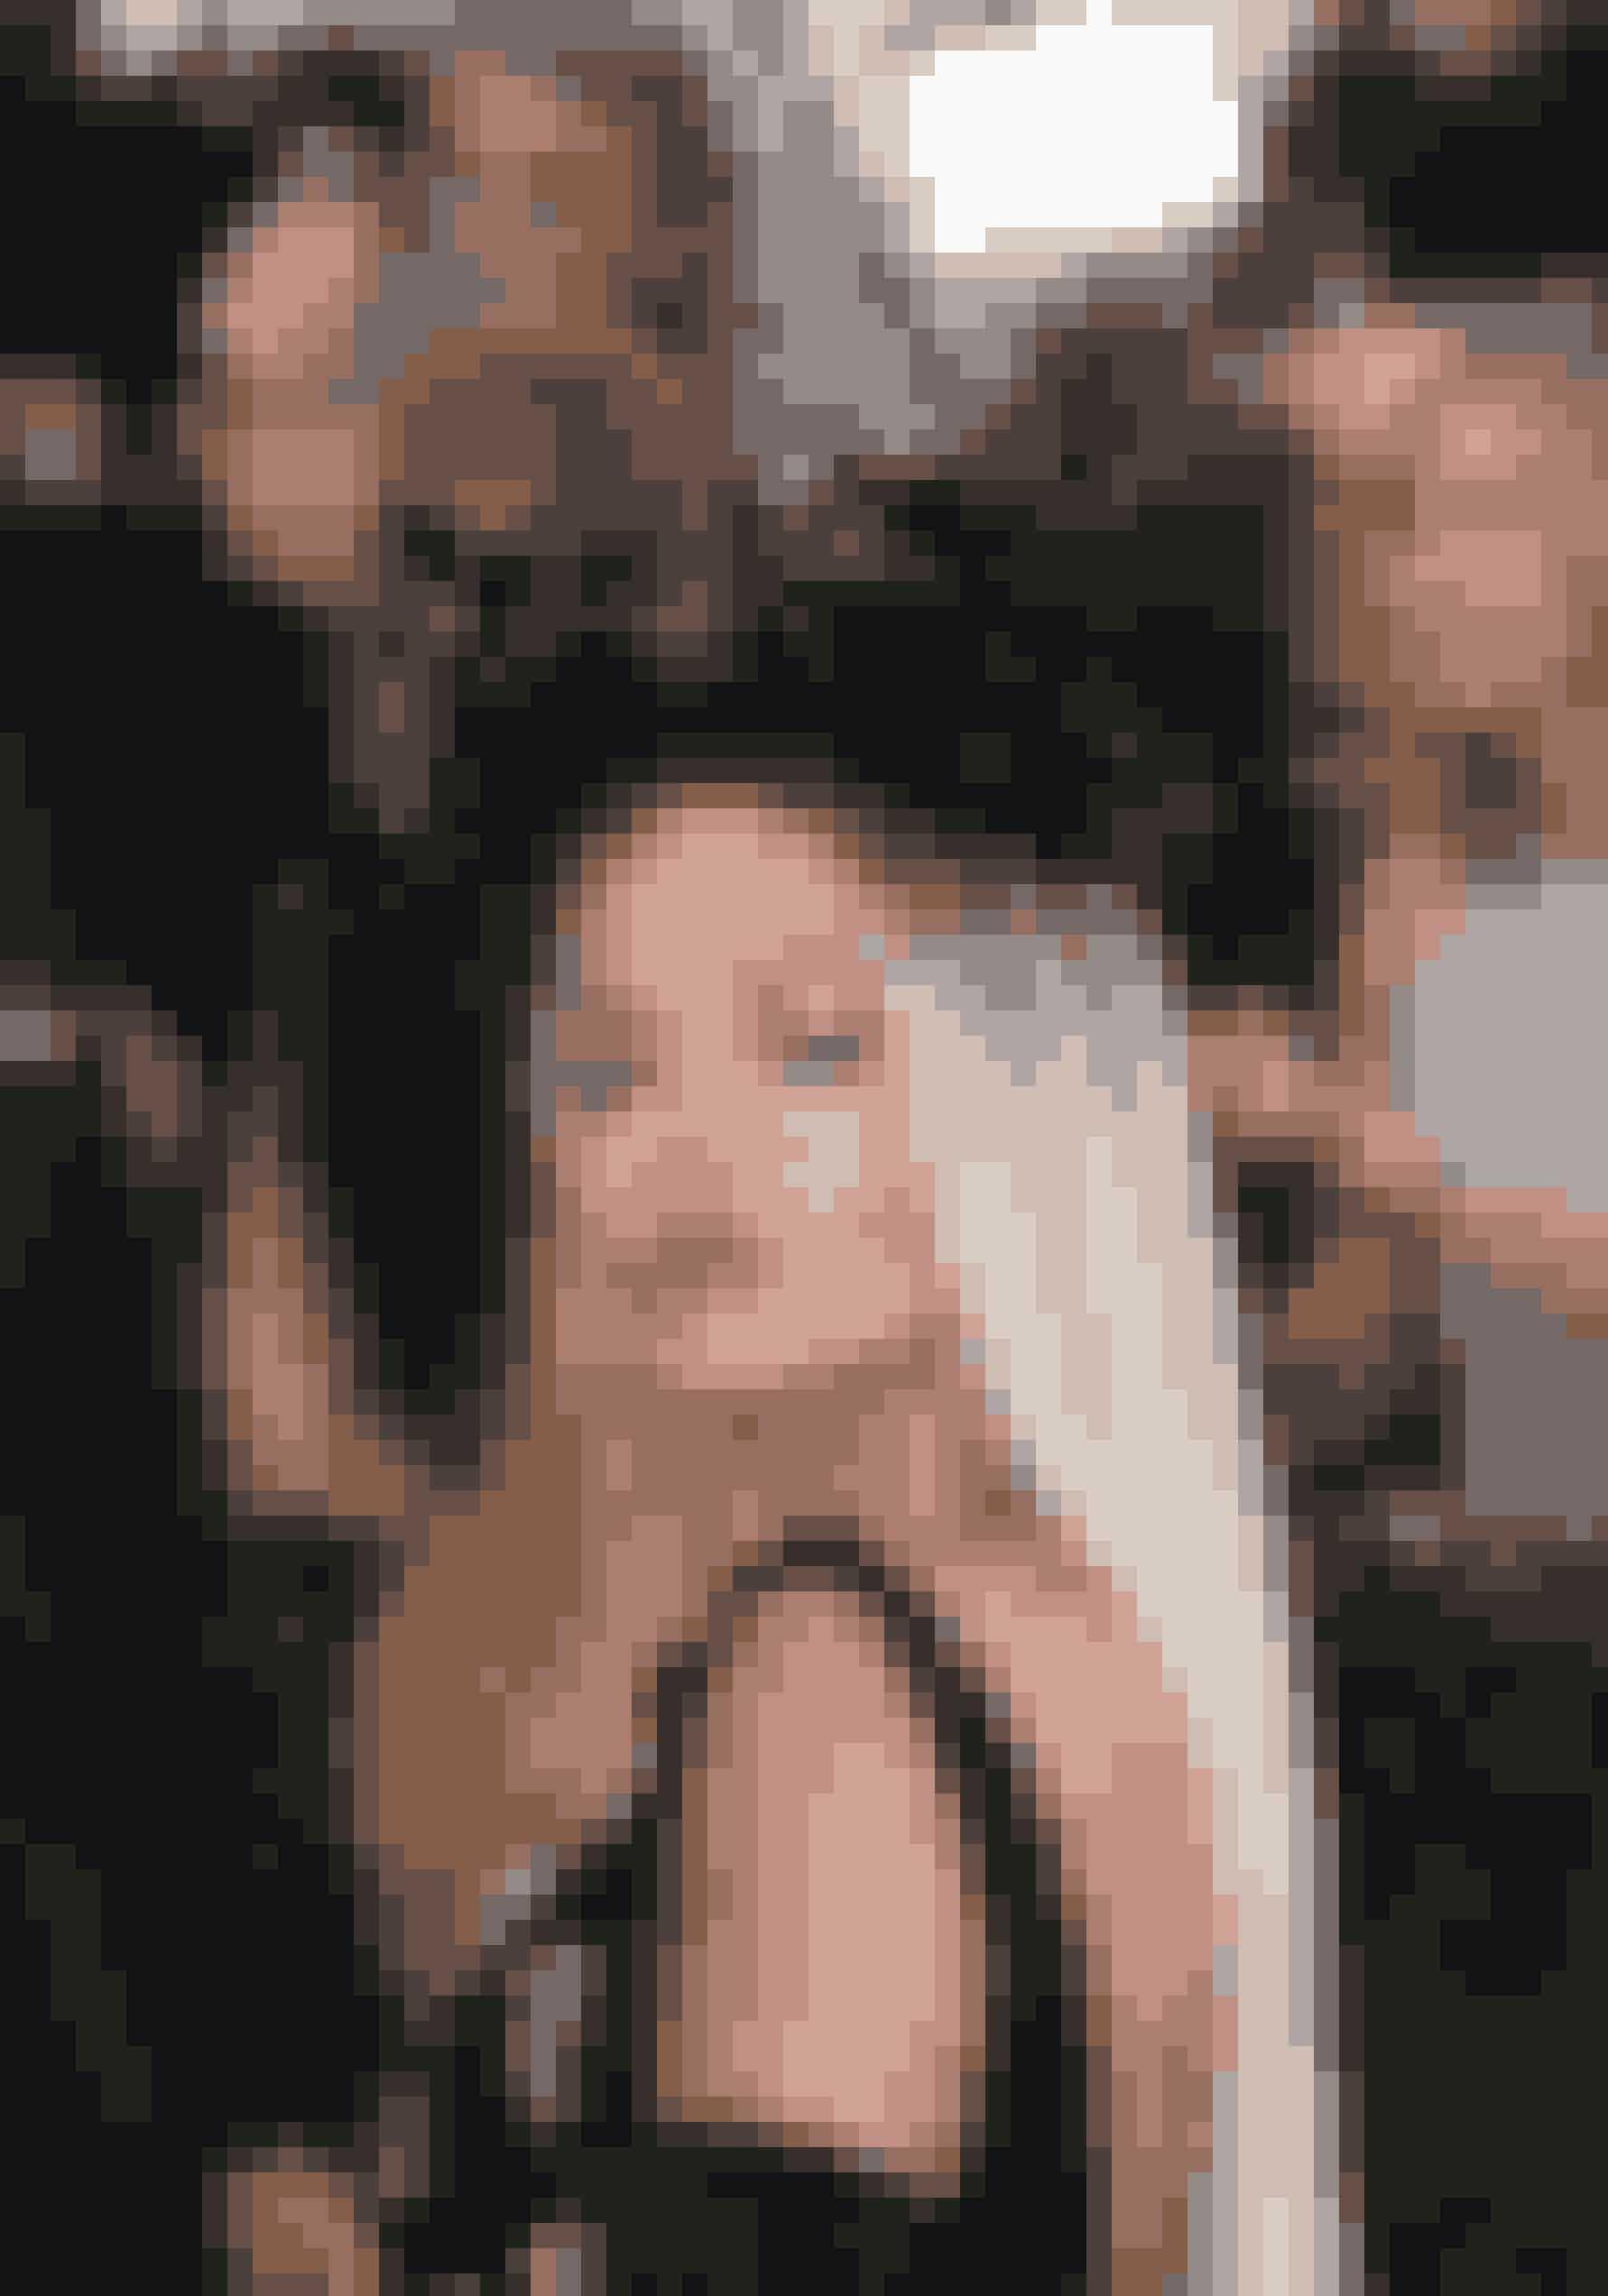 Rita Ora med en af aftenens højeste hovedbeklædninger. Den mørke hovedbeklædning blev piftet op med forårsfriske læber og gyldne øjne.